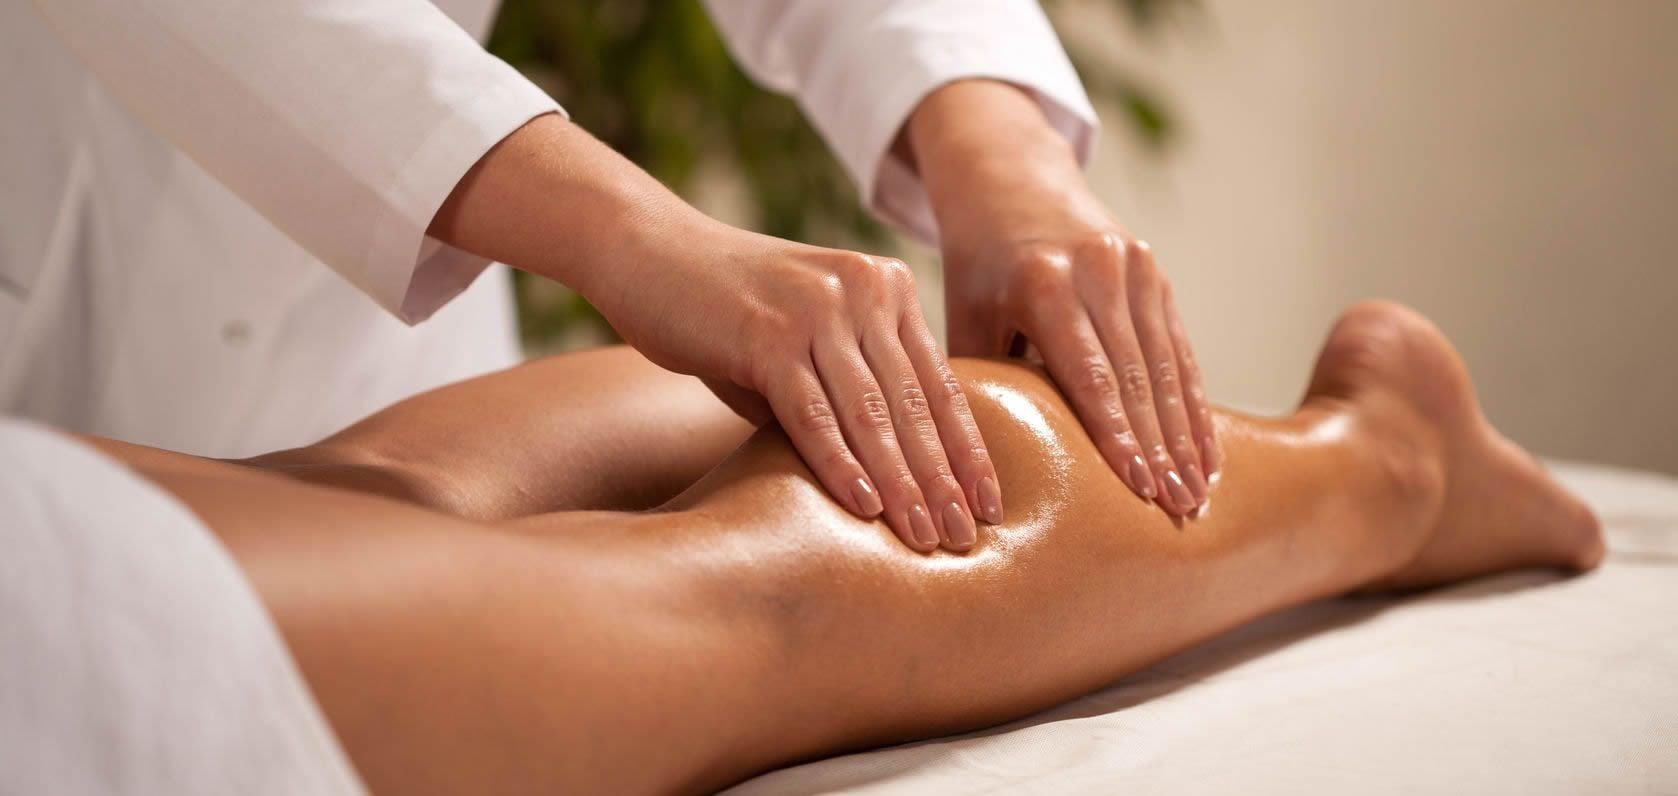 оздоровчий масаж на ноги